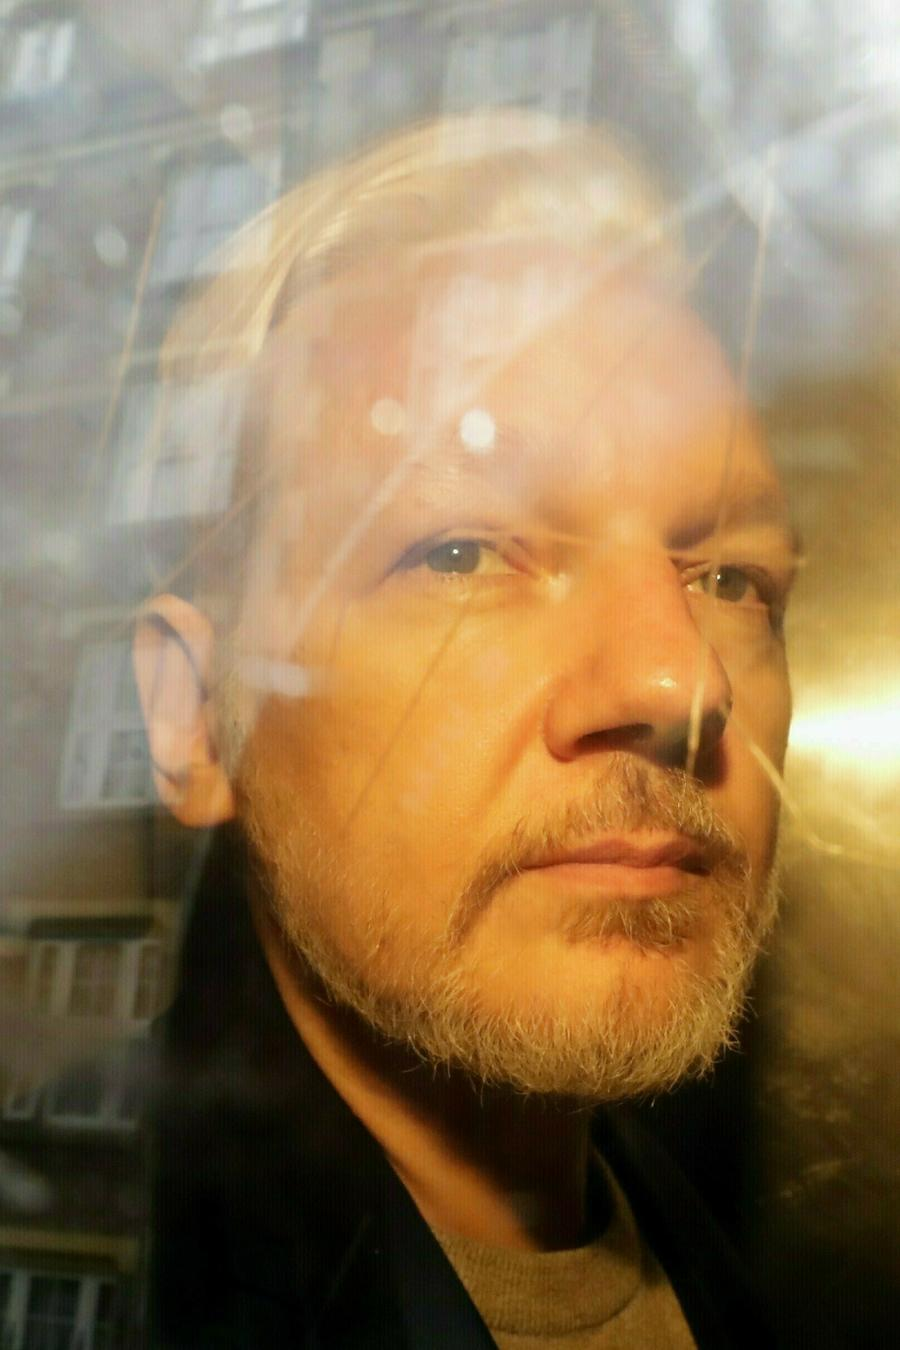 El fundador de WikiLeaks Julian Assange es trasladado a una corte londinense el pasado mayo.